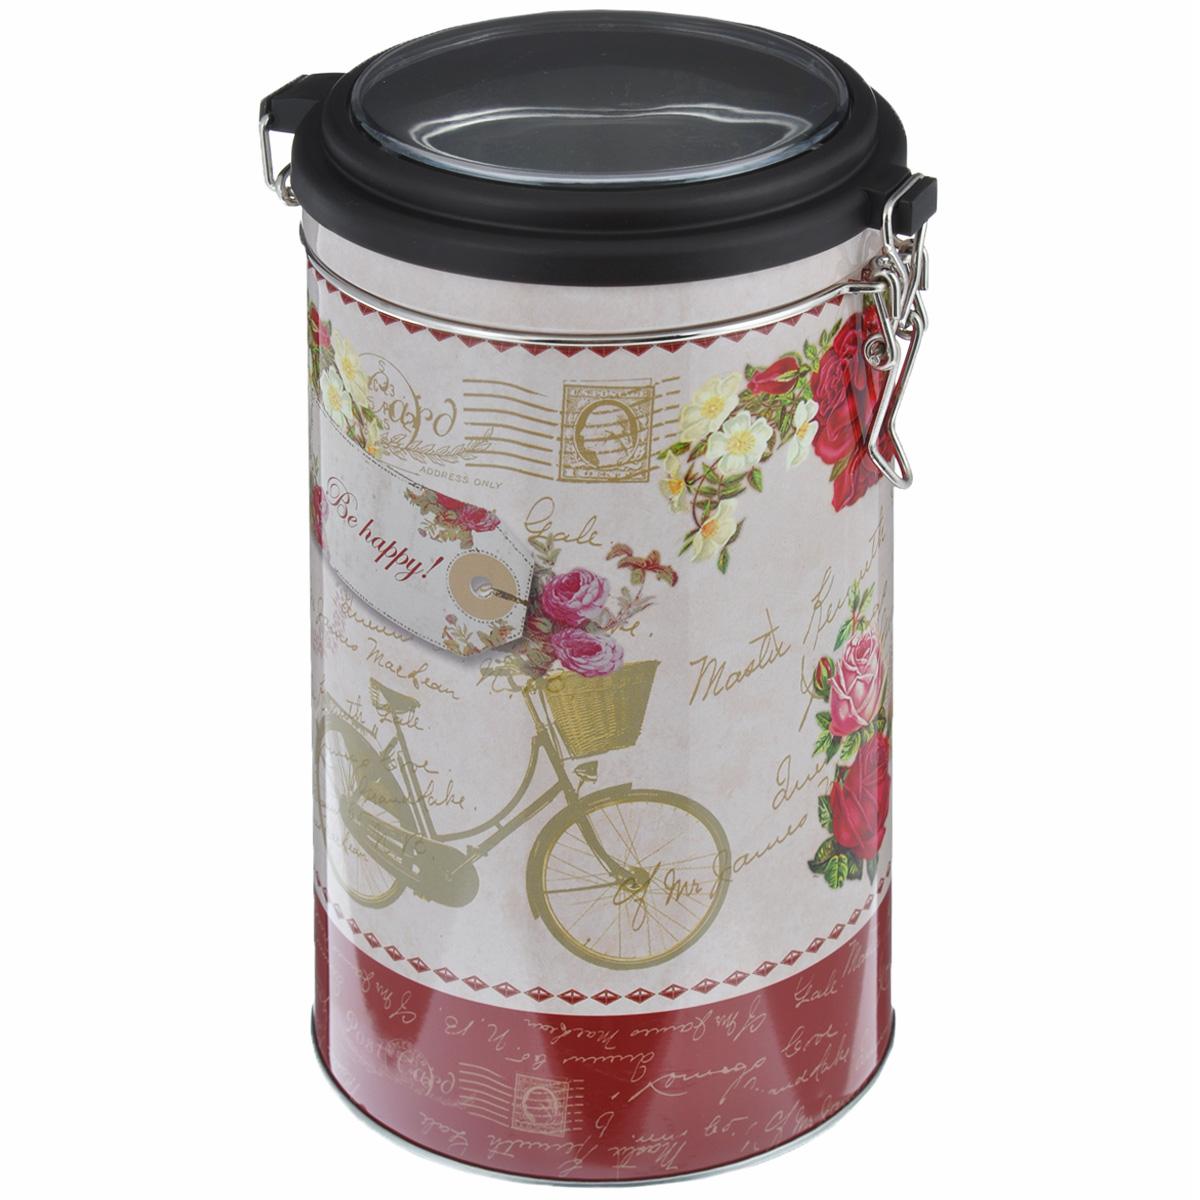 Банка для сыпучих продуктов Феникс-презент Велосипед, 1,8 лFA-5125-1 BlueБанка для сыпучих продуктов Феникс-презент Велосипед, изготовленная из окрашенного черного металла, оформлена ярким рисунком. Банка прекрасно подойдет для хранения различных сыпучих продуктов: специй, чая, кофе, сахара, круп и многого другого. Емкость плотно закрывается прозрачной пластиковой крышкой на металлический замок. Благодаря этому она будет дольше сохранять свежесть ваших продуктов.Функциональная и вместительная, такая банка станет незаменимым аксессуаром на любой кухне. Нельзя мыть в посудомоечной машине.Объем банки: 1,8 л.Высота банки (без учета крышки): 17,4 см. Диаметр банки (по верхнему краю): 10,5 см.